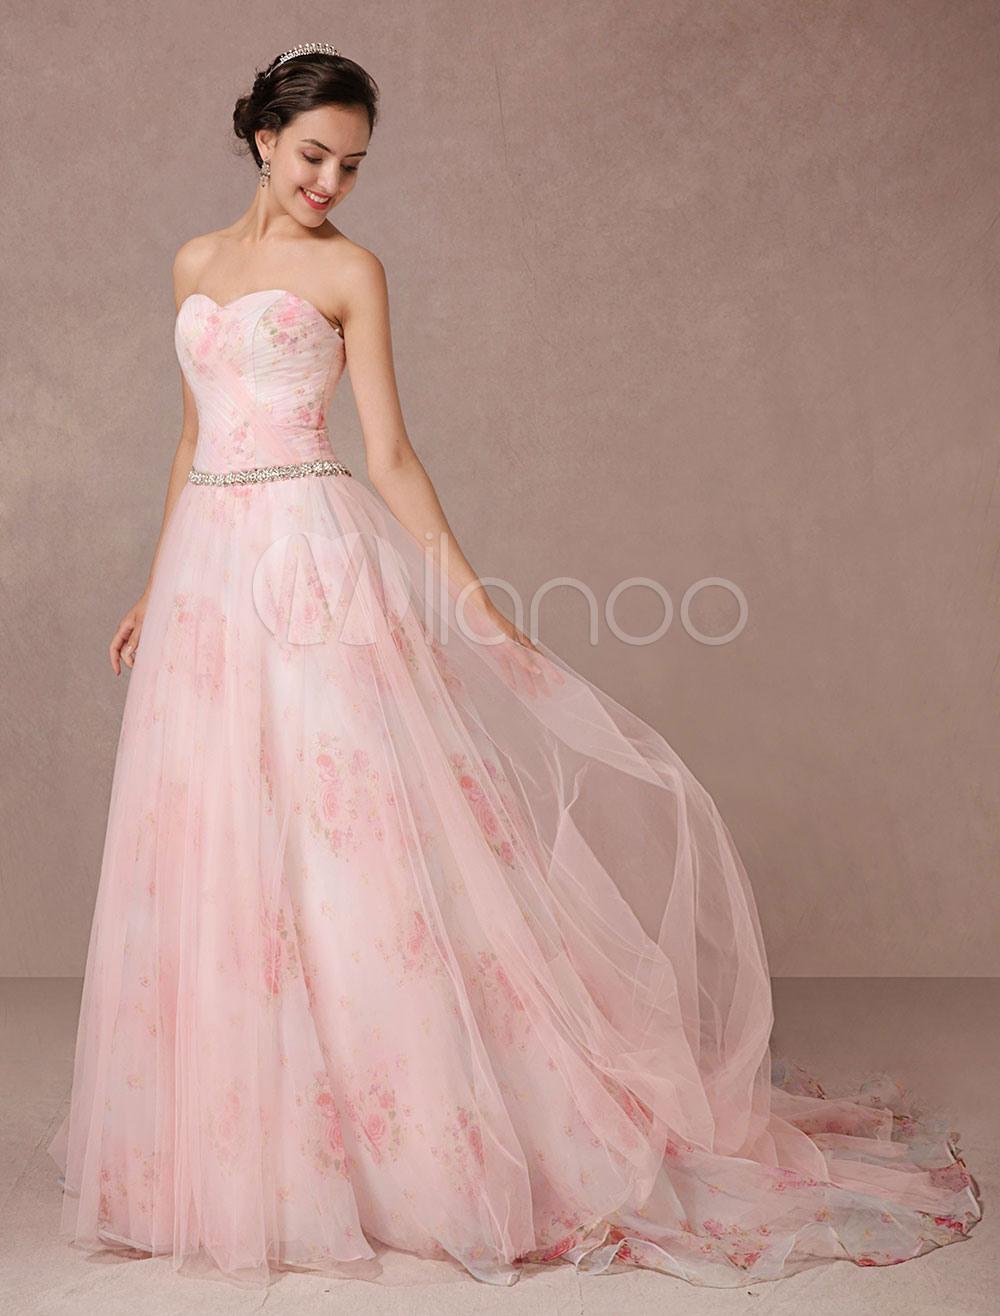 Kleider Für Hochzeitsgäste,,quinceanera Kleider, Kleider Für